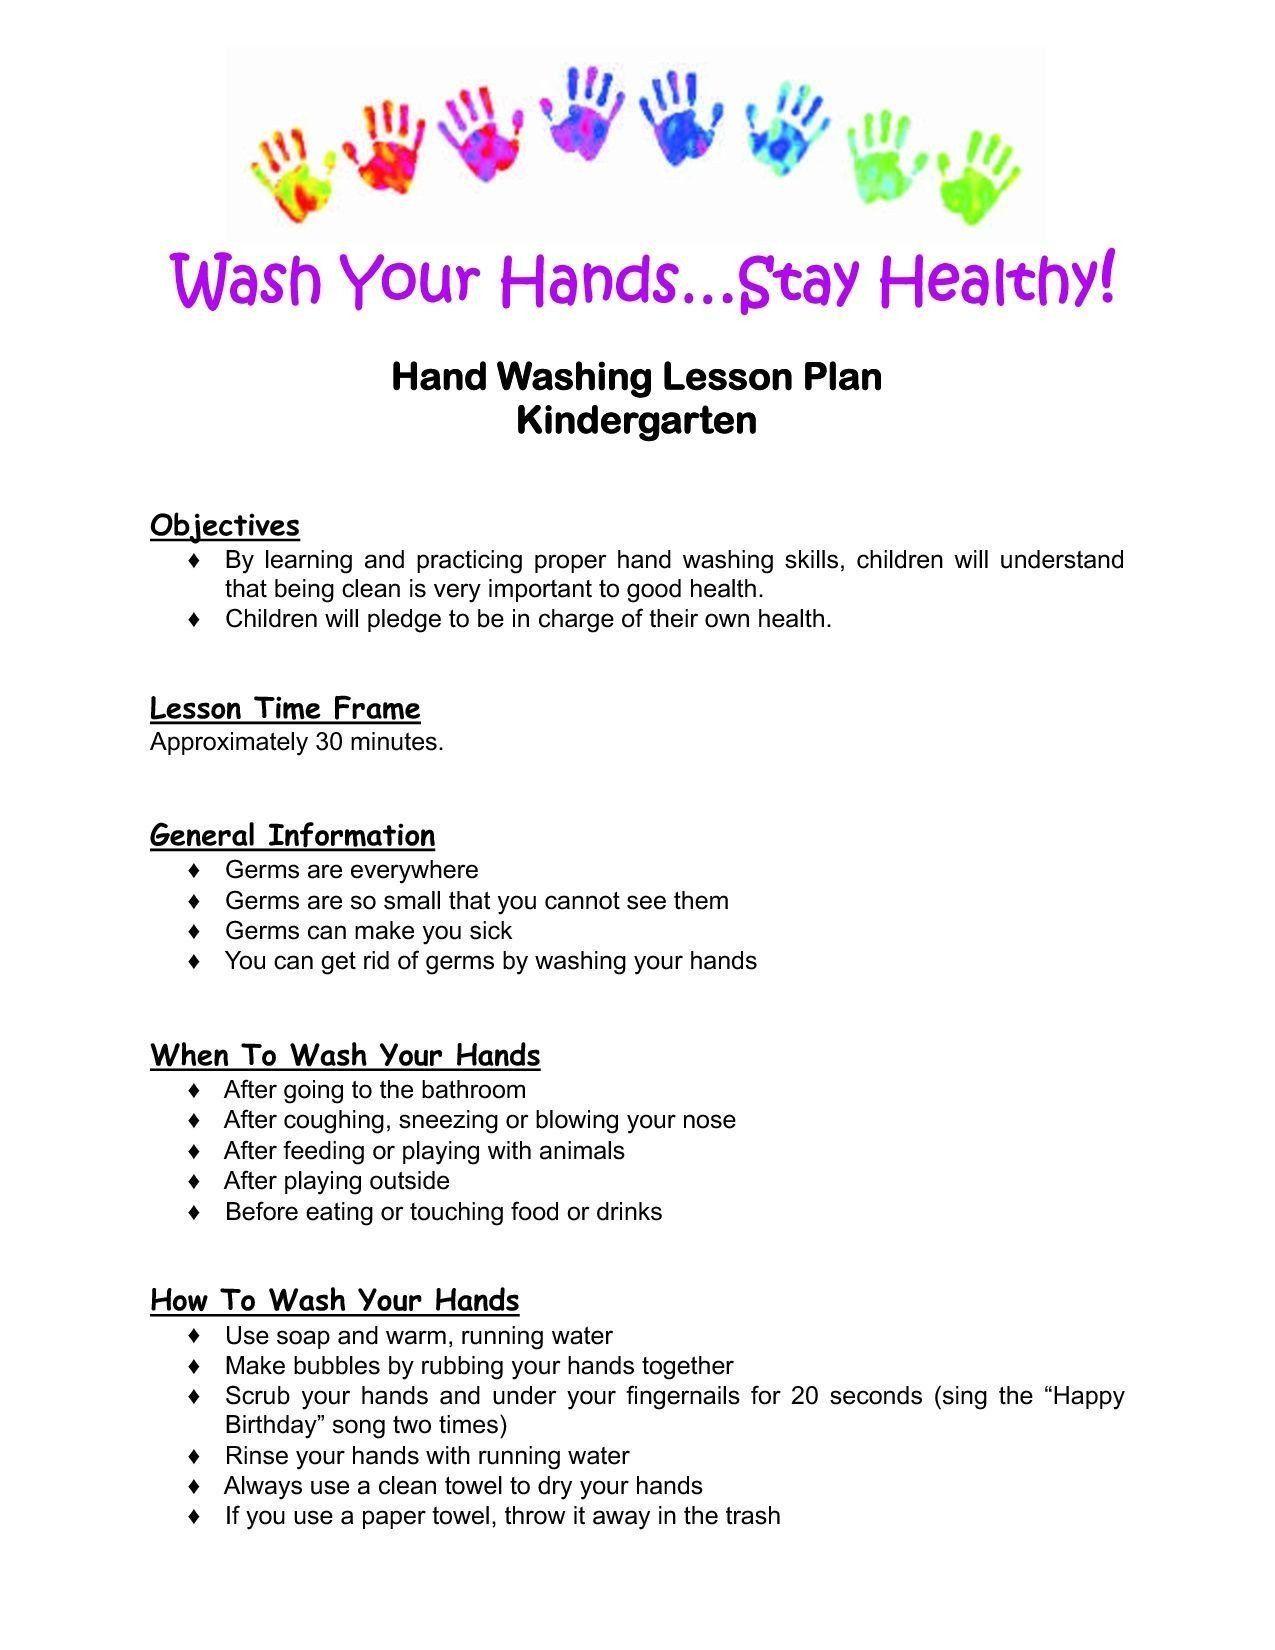 Health Lessons For Kindergarten Kindergarten Lesson Plan Hand Washing Lesson Plan Kindergarten Lesson Plans Health Lesson Plans Hygiene Lessons [ 1650 x 1275 Pixel ]